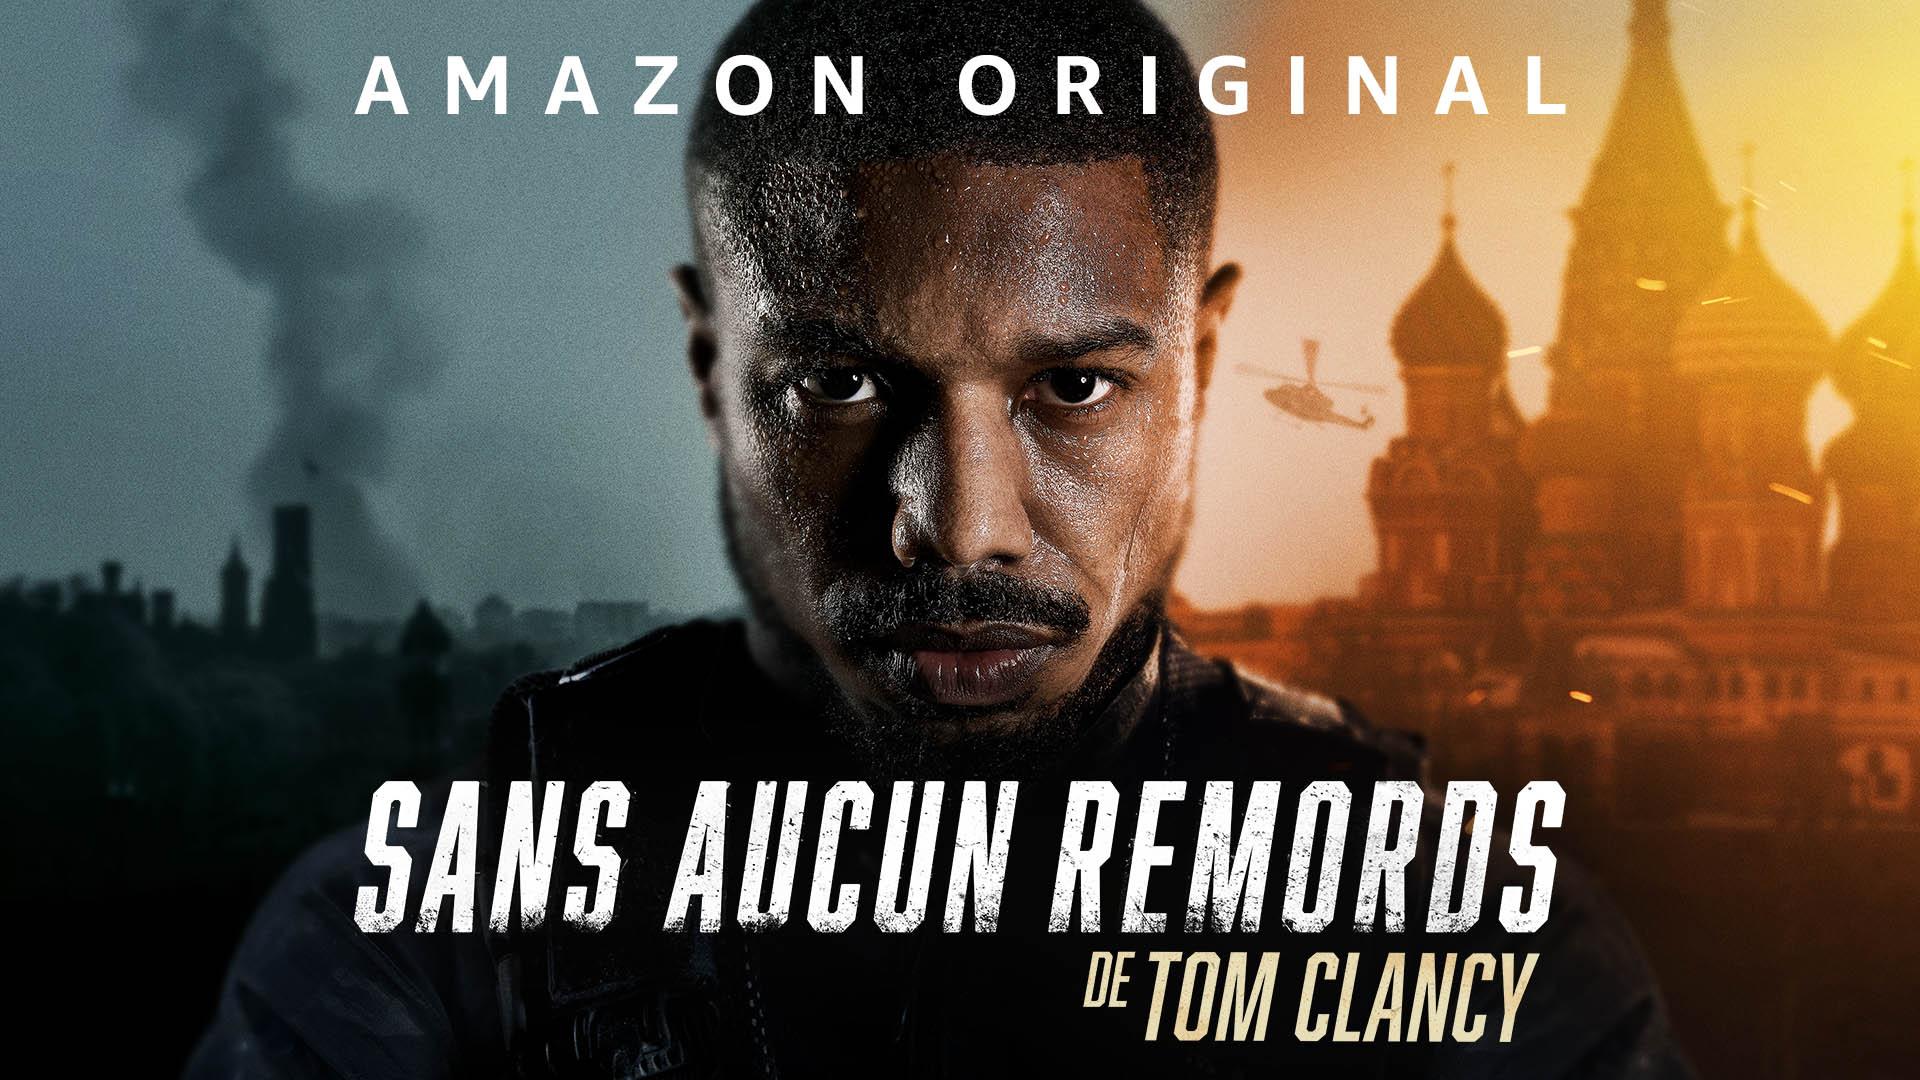 SANS AUCUN REMORDS de TOM CLANCY